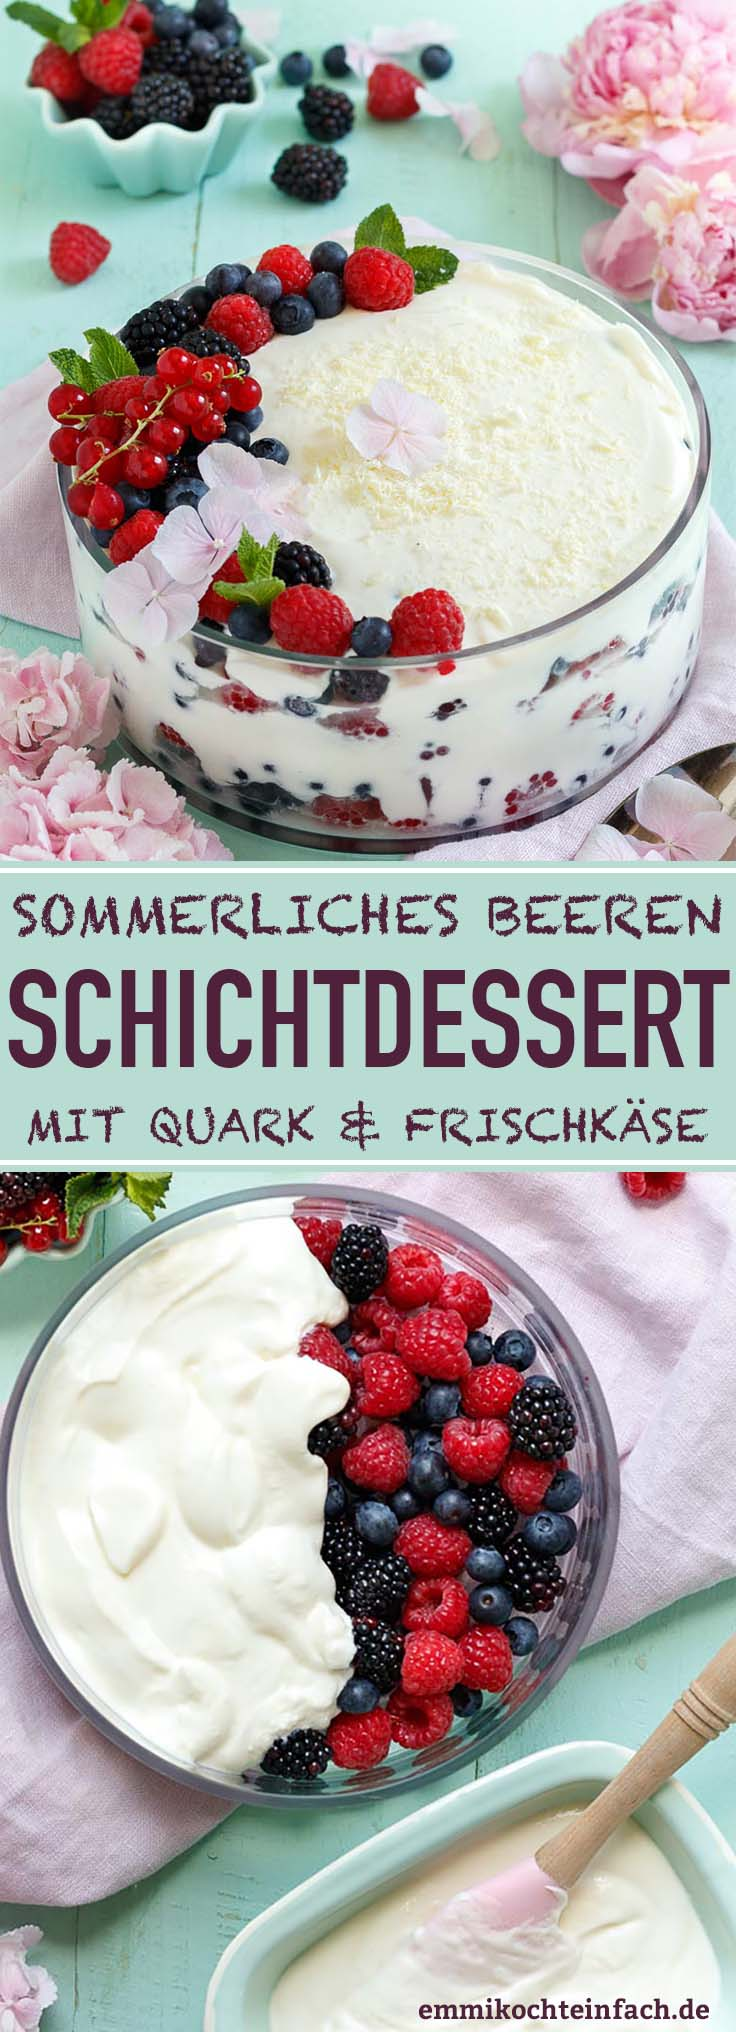 Ein sommerlicher, fruchtiger Nachtisch mit Quark und Frischkäse - www.emmikochteinfach.de